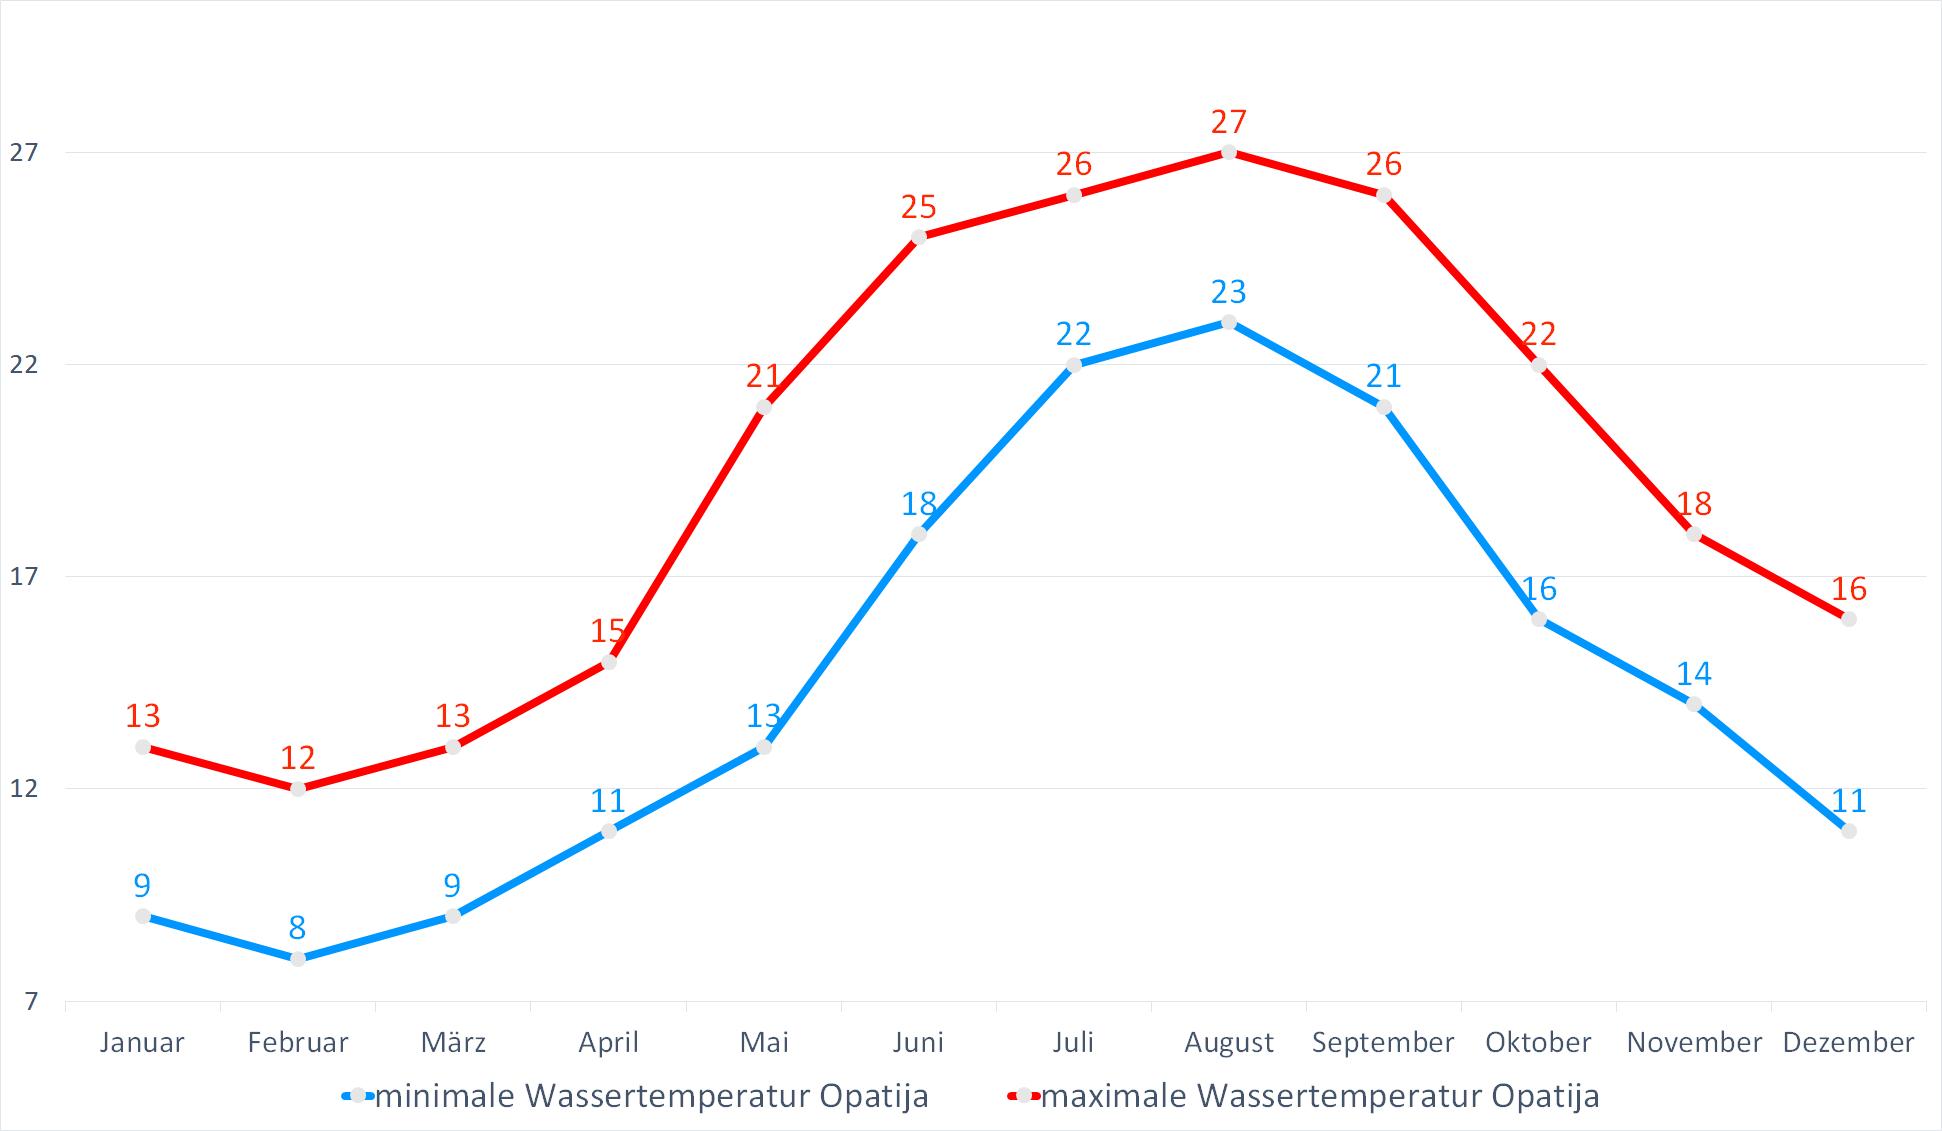 Minimale & Maximale Wassertemperaturen für Opatija im Jahresverlauf